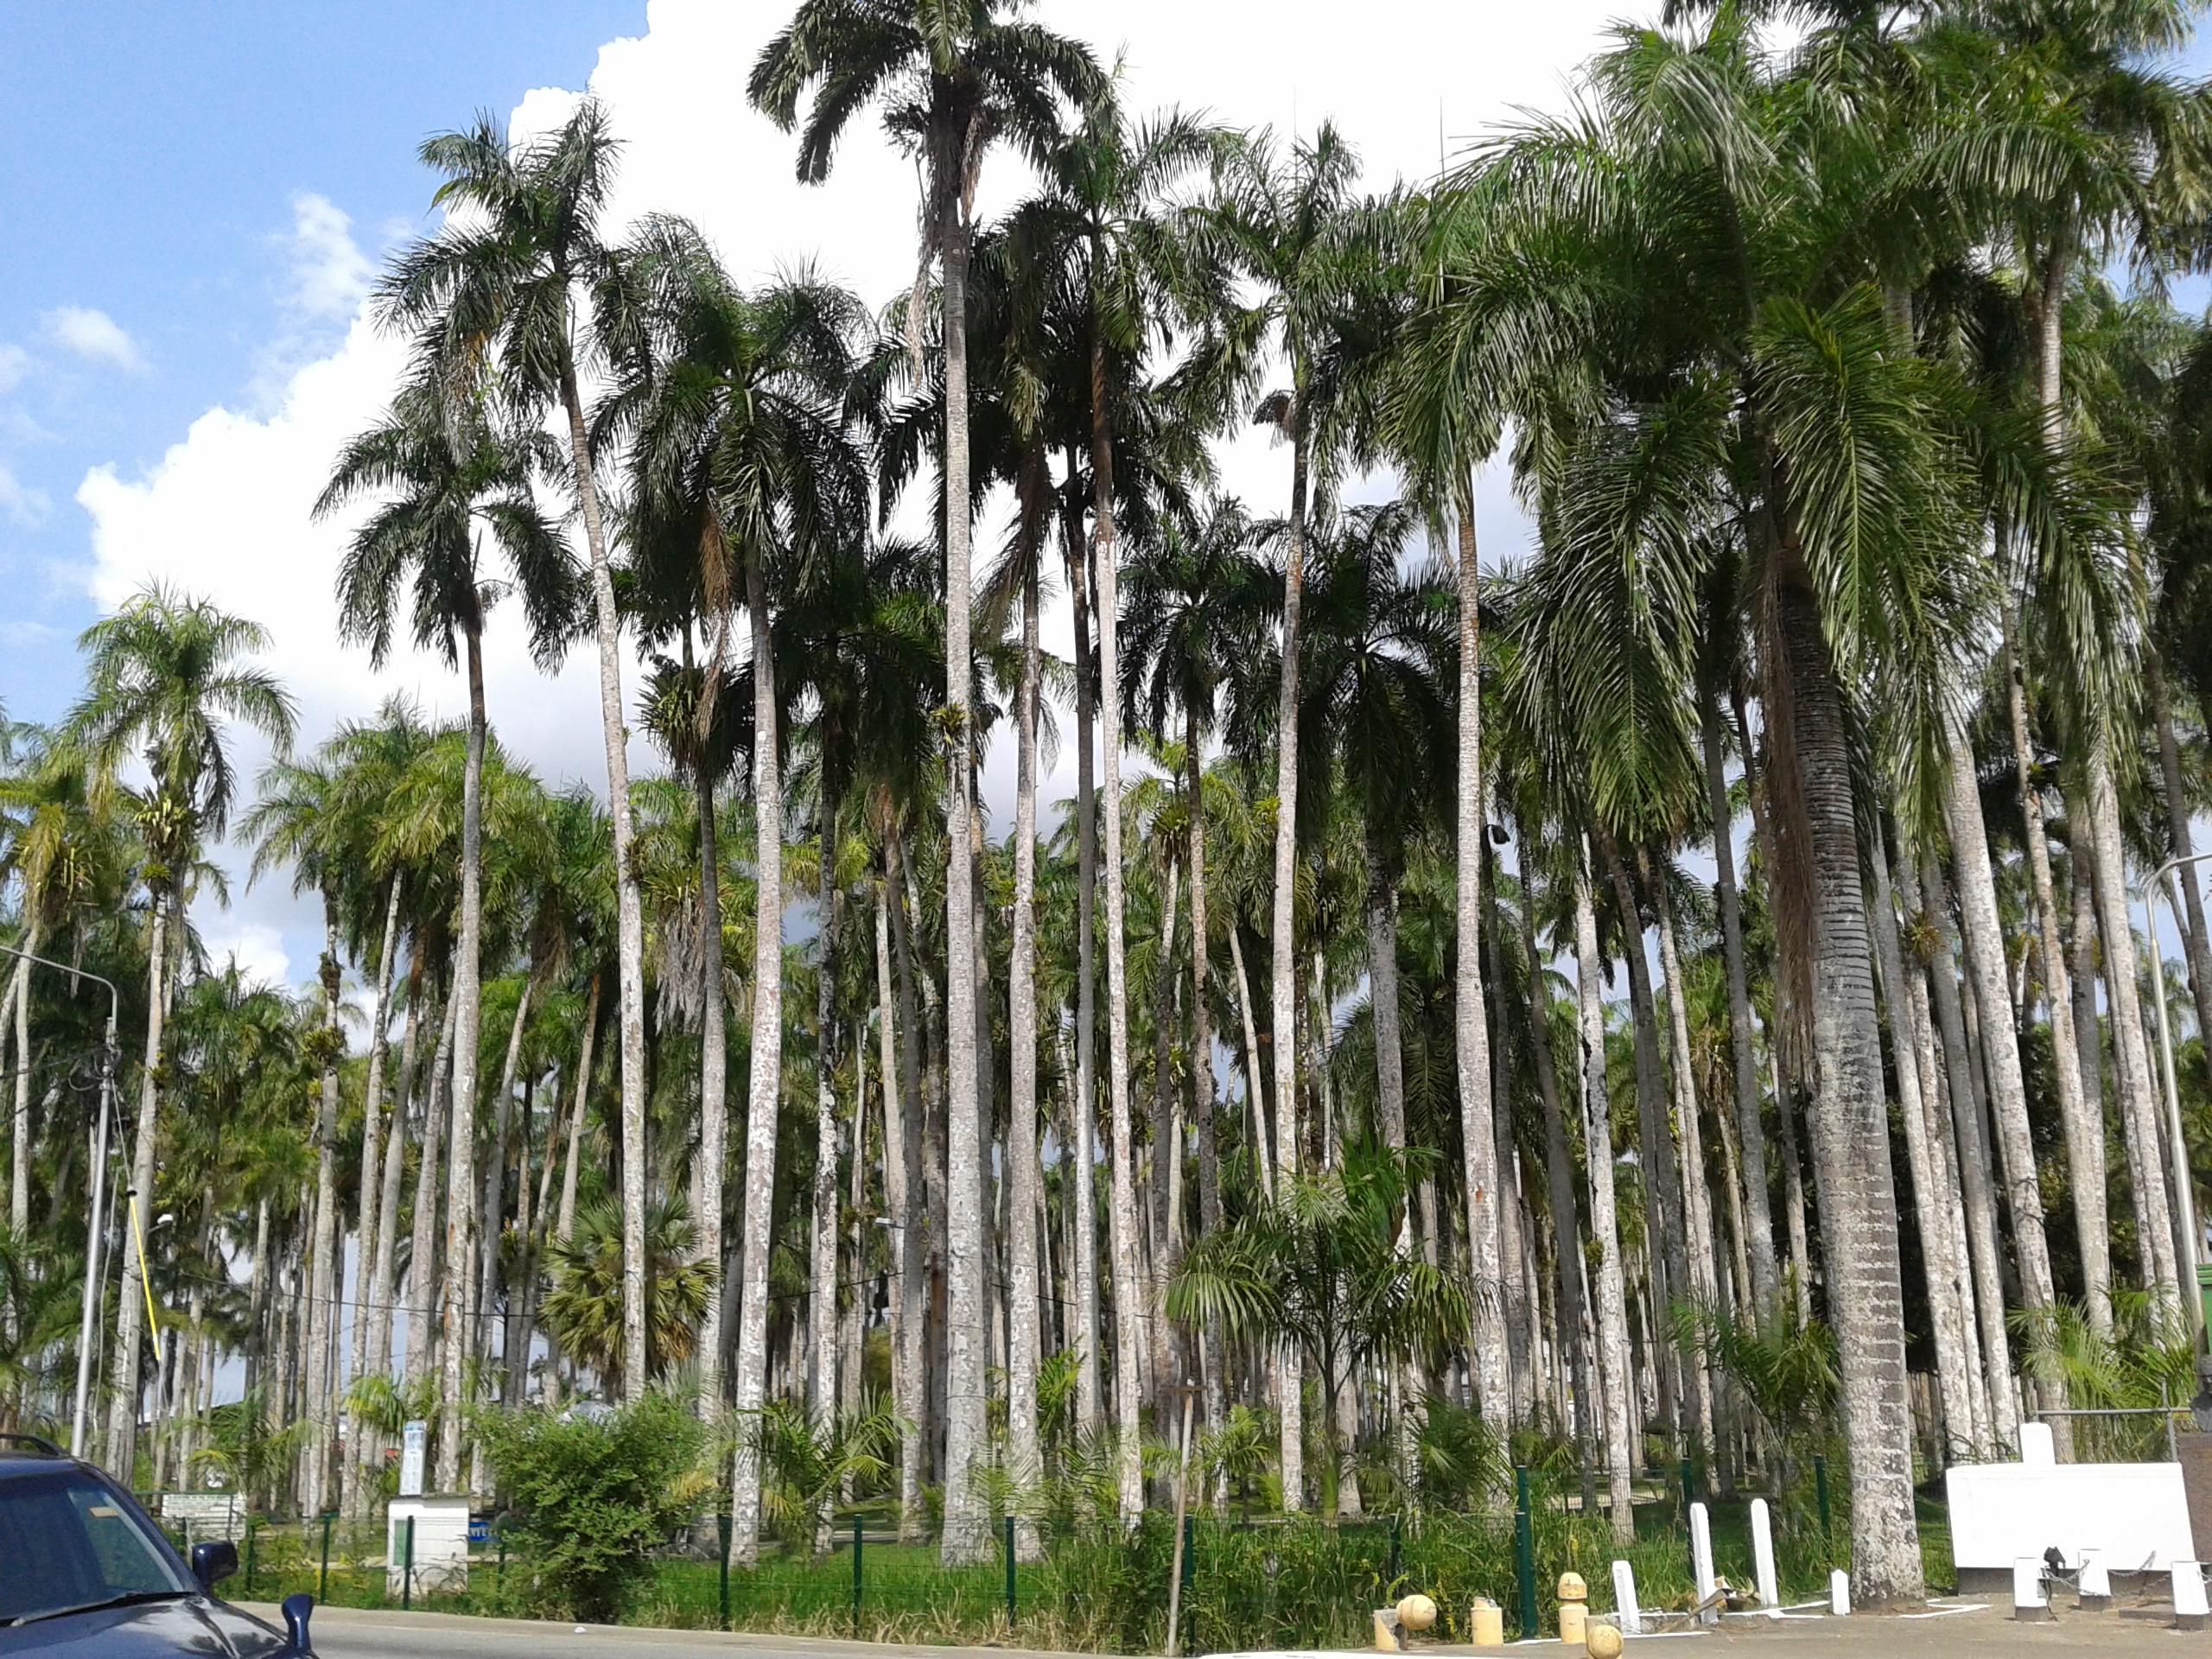 Parque de las Palmeras de Paramaribo, Suriname